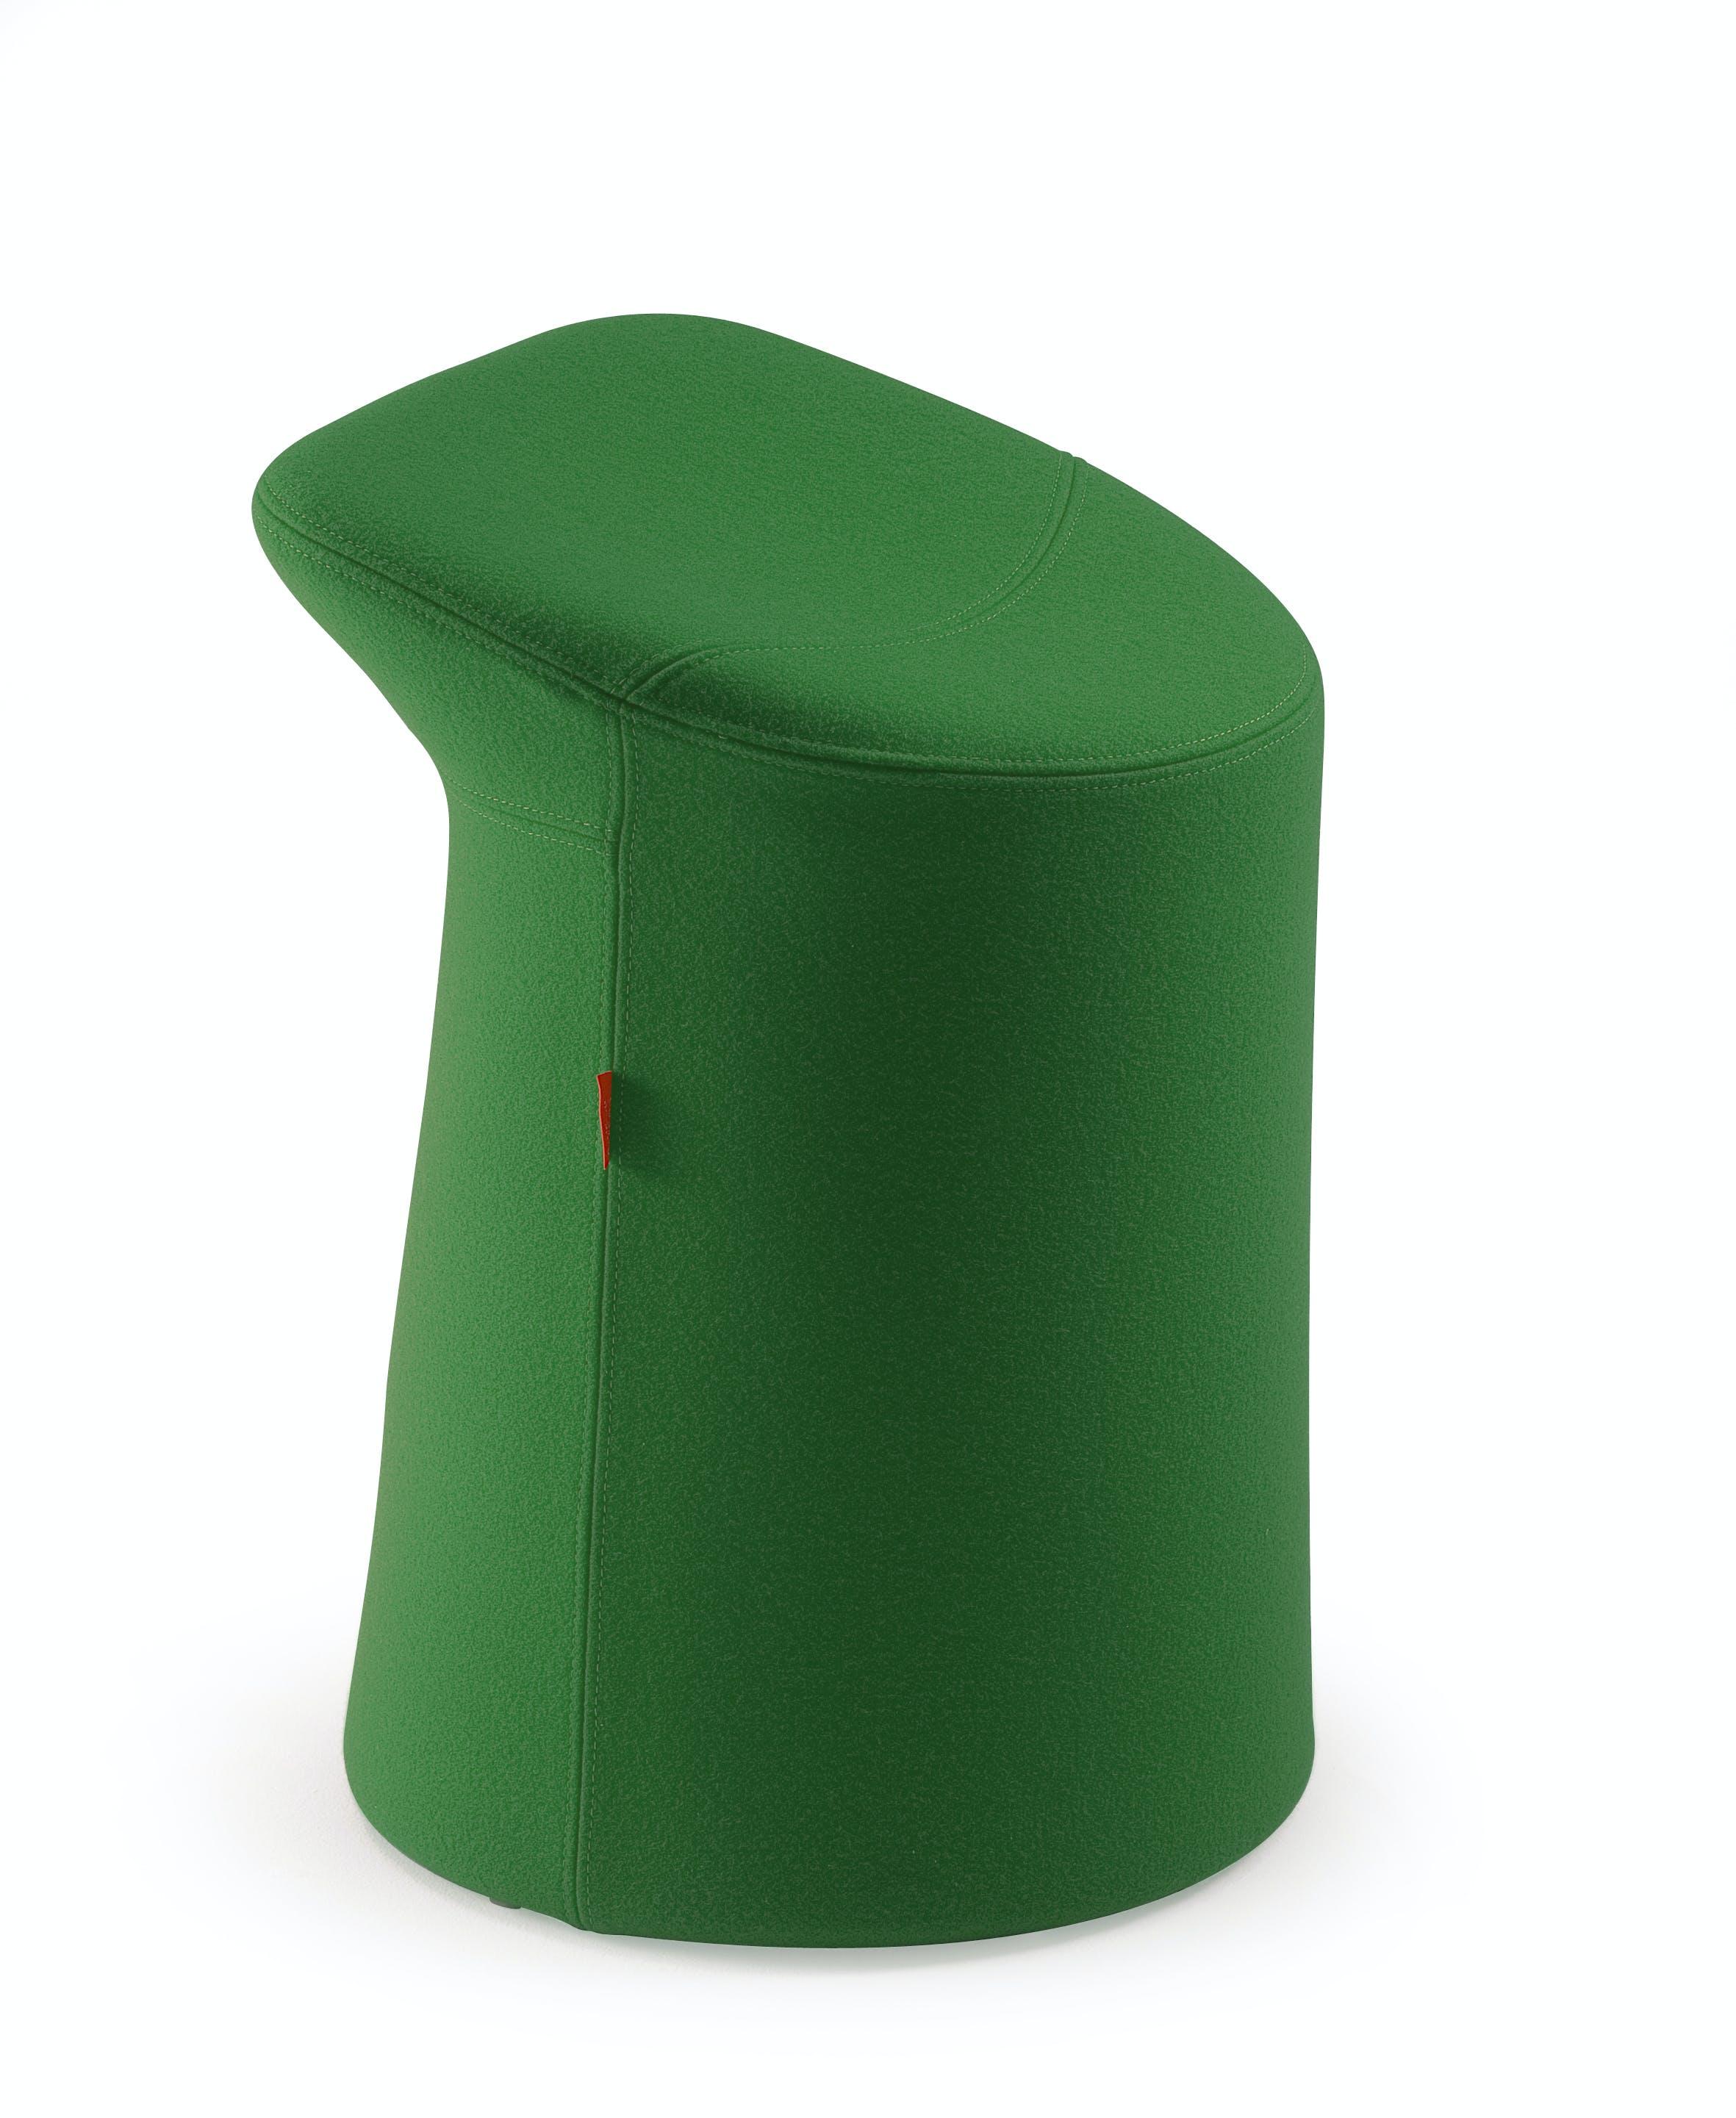 Lil B00 Green